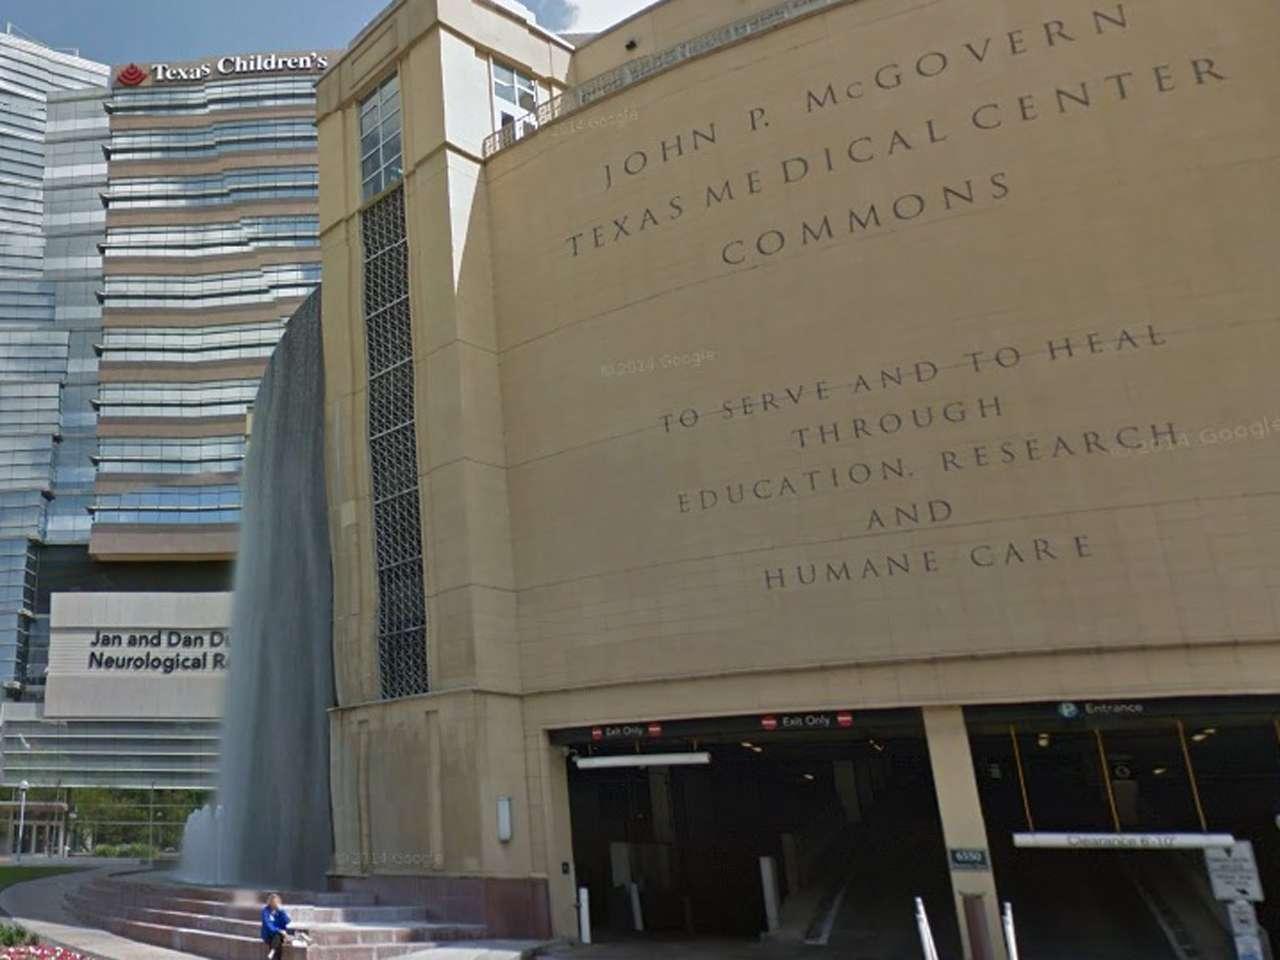 La entonces pareja se conoció Centro Médico de Texas, donde ambos trabajaban Foto: Imagen tomada de Google Maps